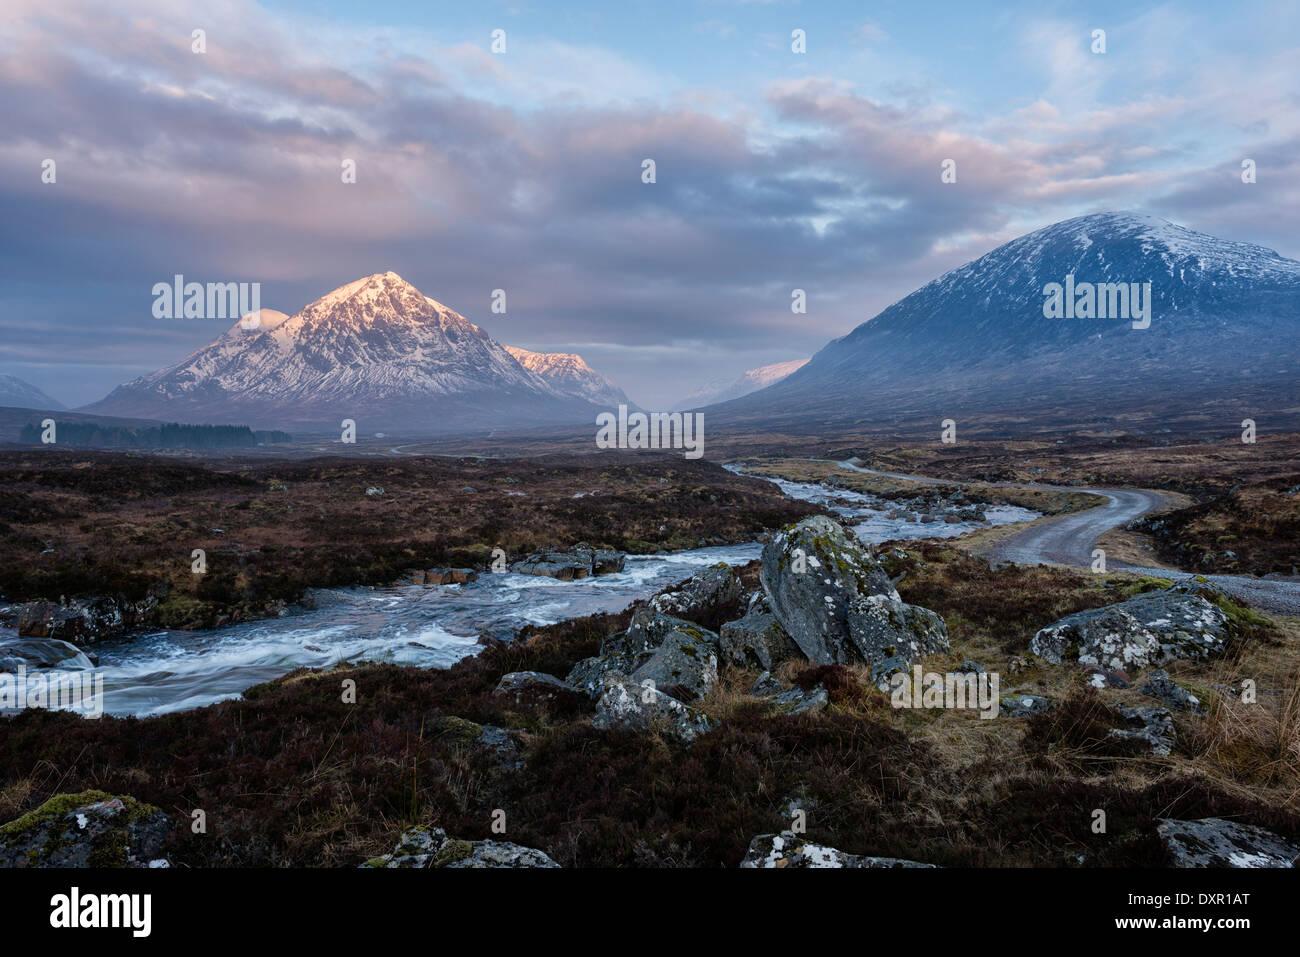 Sobre Rannoch Moor al oeste de Glencoe, mirando hacia la entrada de Glen Coe Imagen De Stock